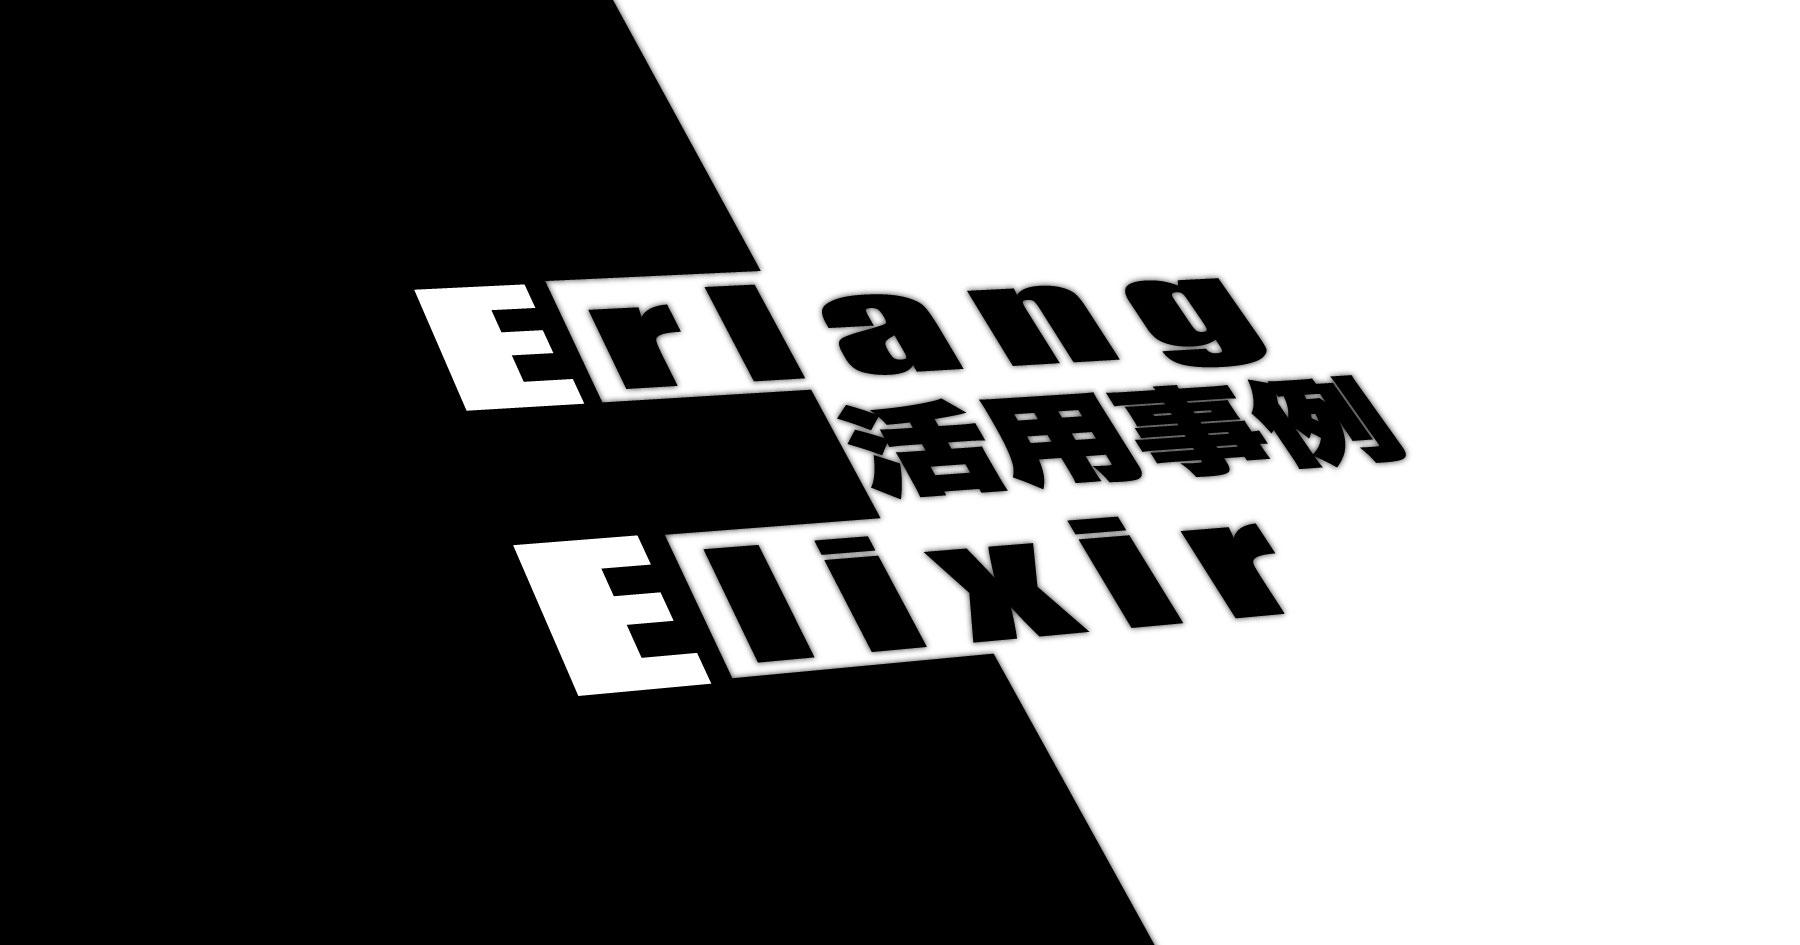 大規模ゲーム開発で存在感を高めるErlang/Elixir ─ Nintendo Switch™とロマサガRSの事例から